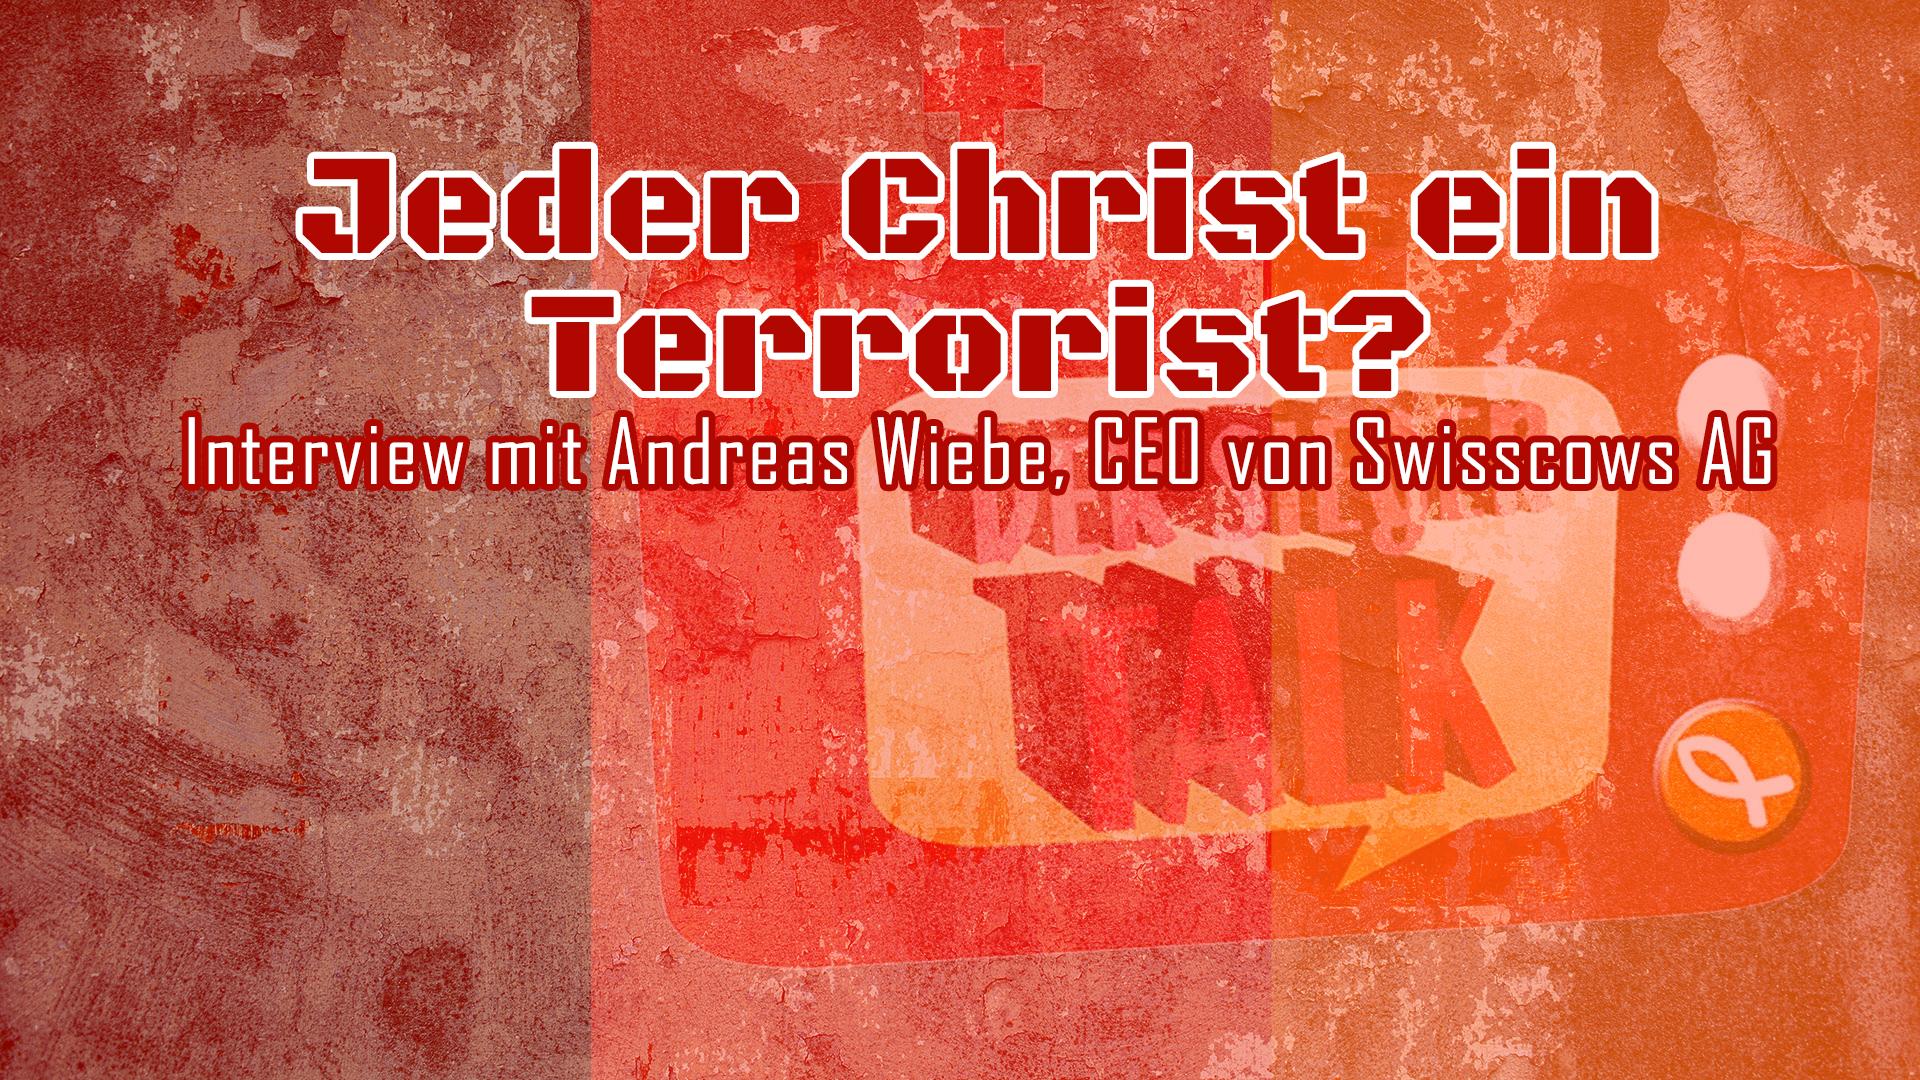 Jeder Christ ein Terrorist?